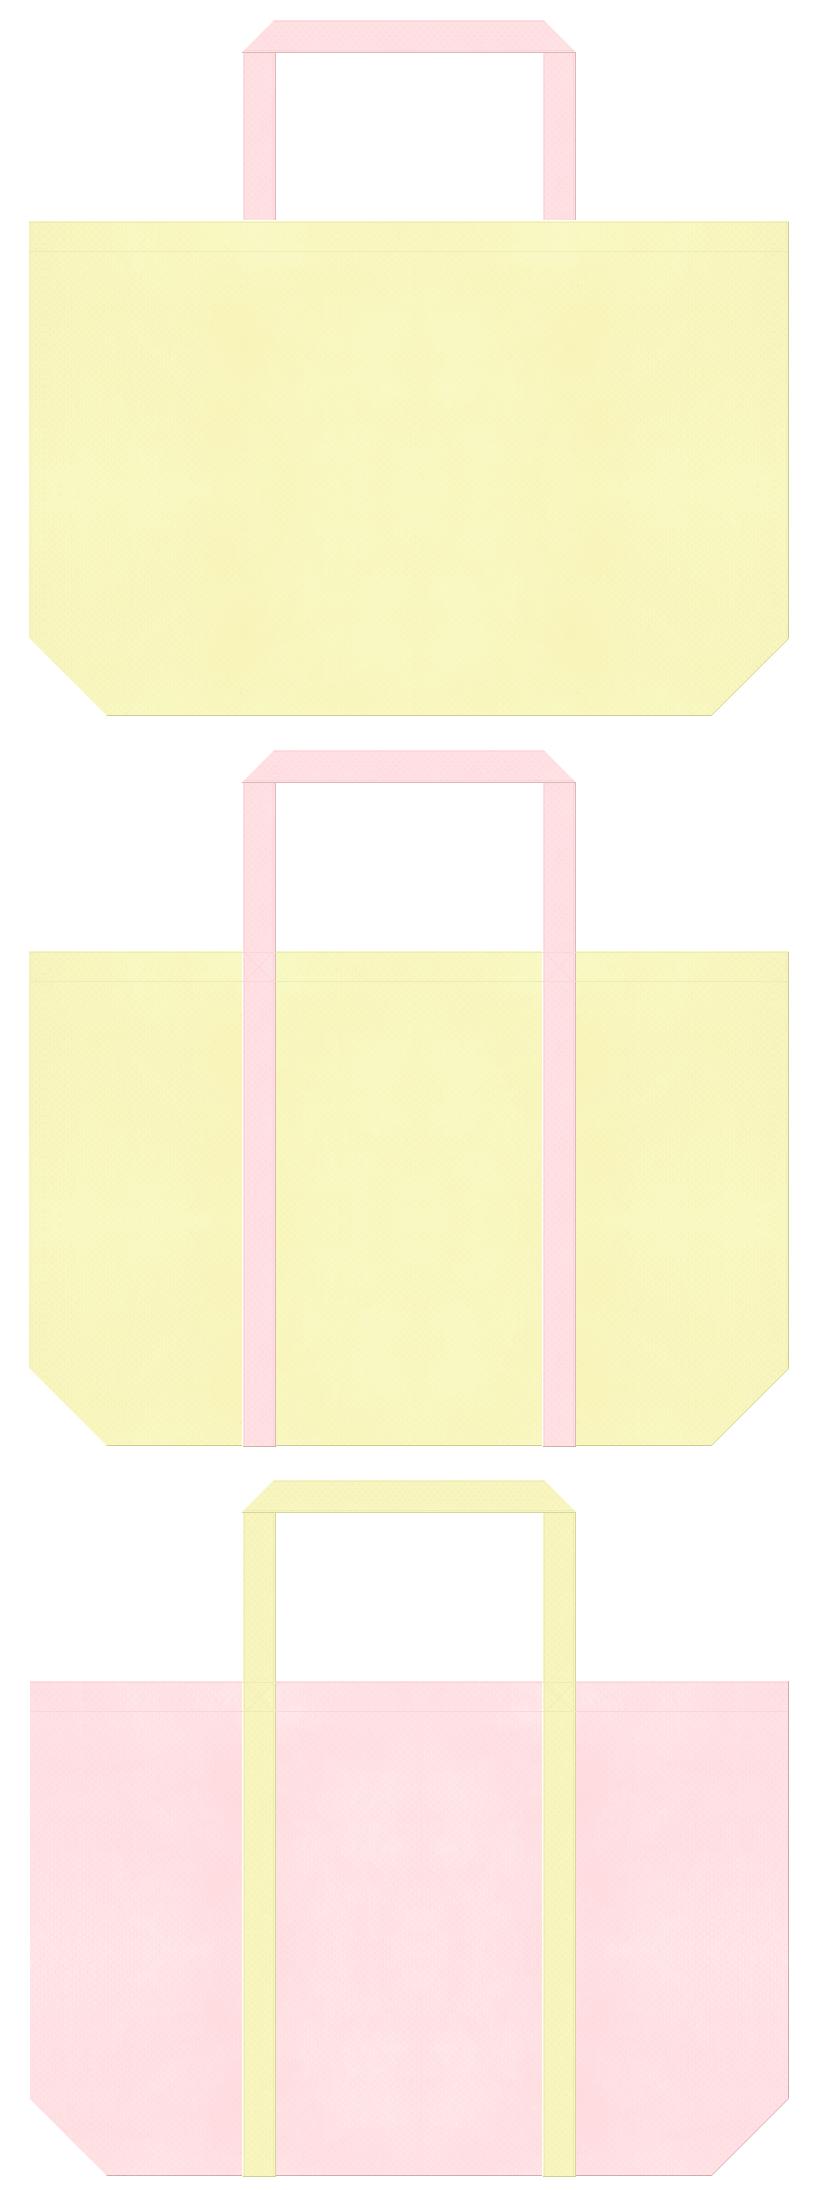 薄黄色と桜色の不織布マイバッグデザイン。ガーリーファッション・雛祭り商品のショッピングバッグにお奨めです。